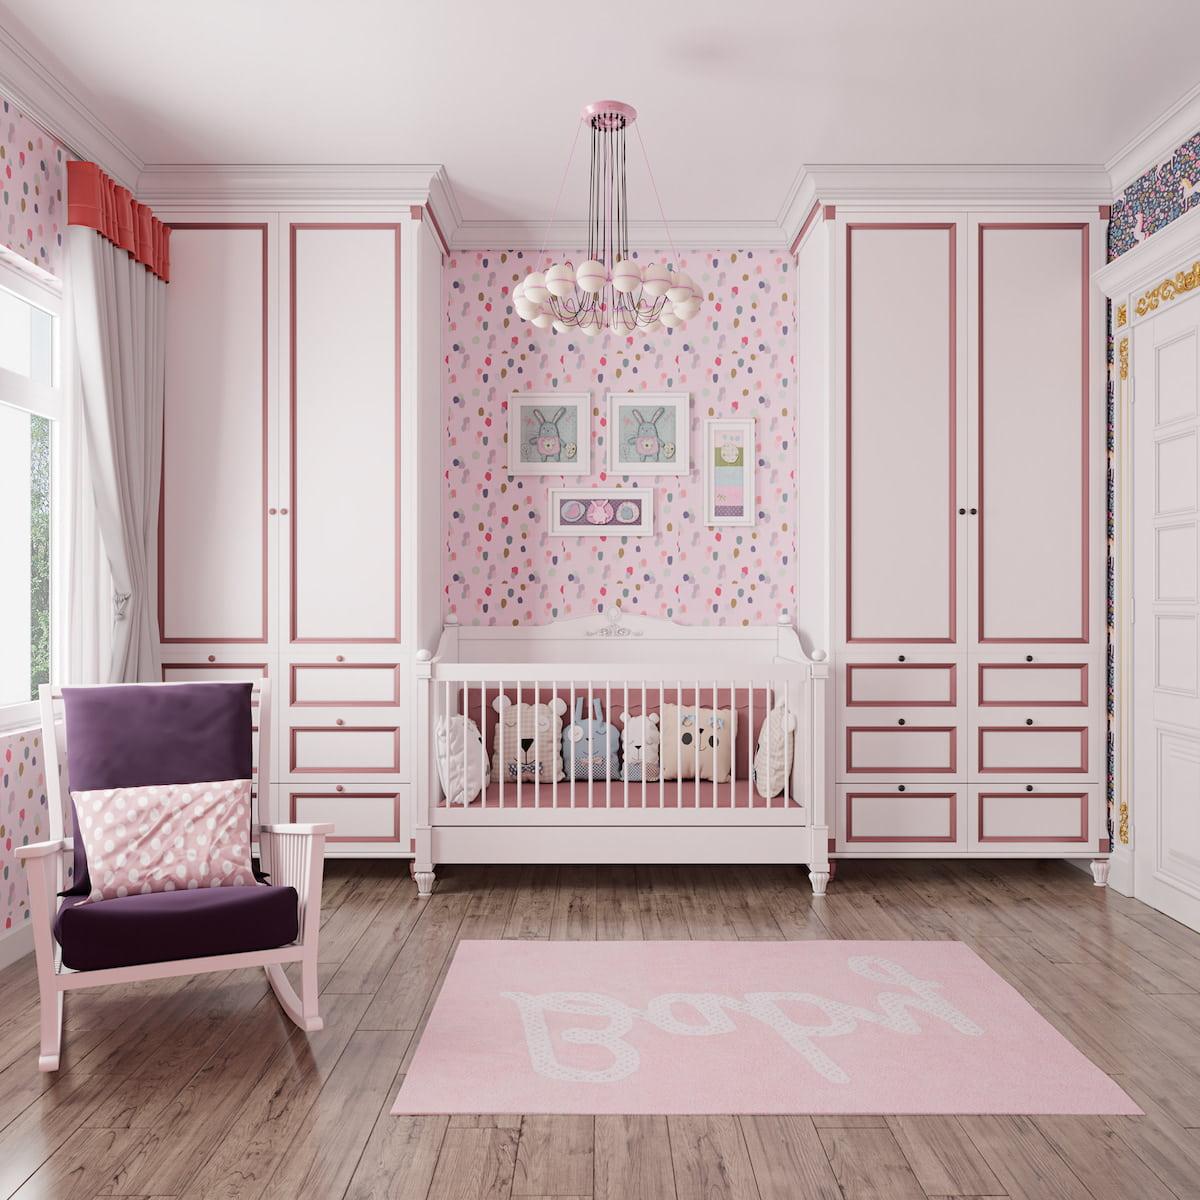 chambre de bébé fille photo 3